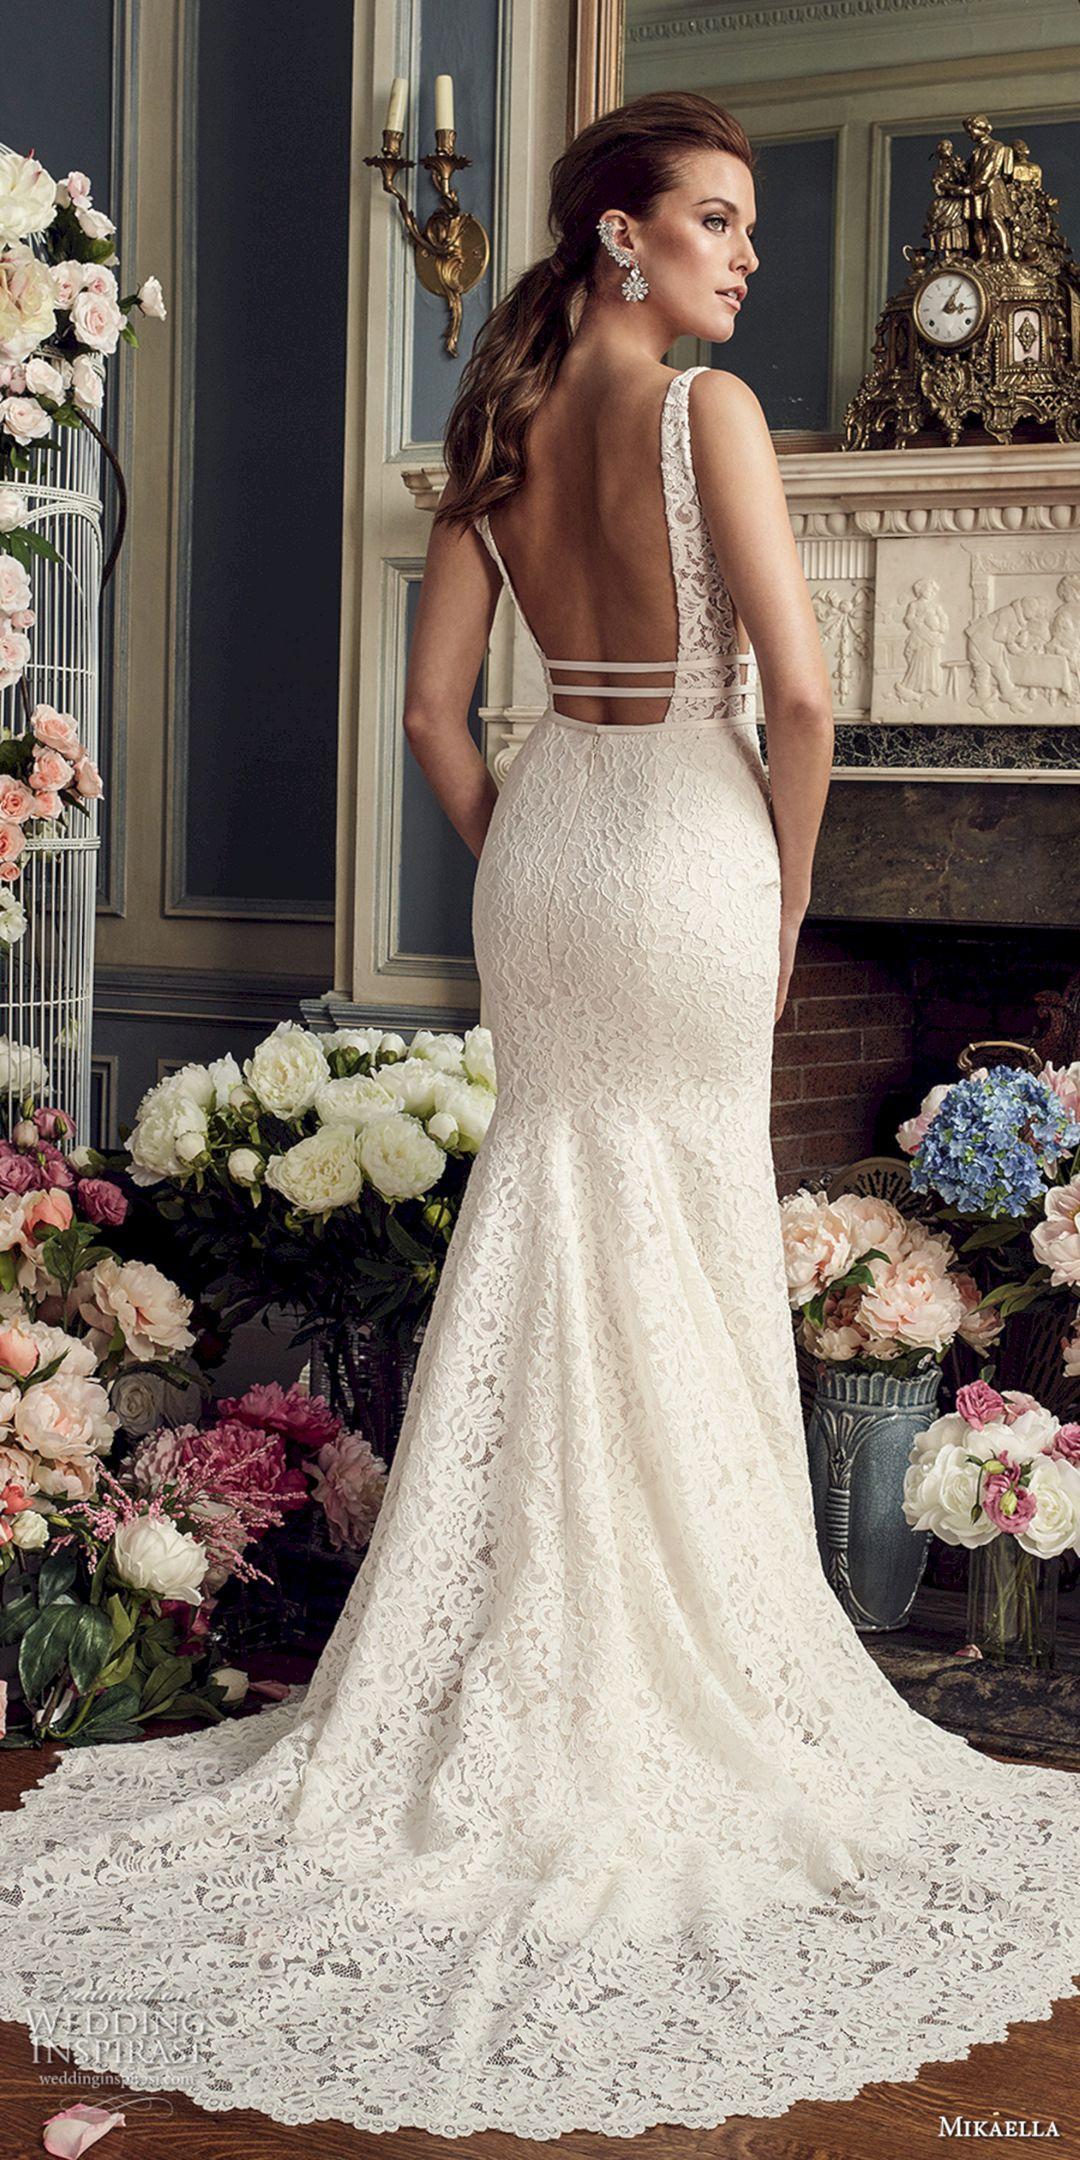 Nice 45+ Beautiful White Lace Wedding Dress Open Back Ideas  https://oosile.com/45-beautiful-white-lace-wedding-dress-open-back-ideas-9887